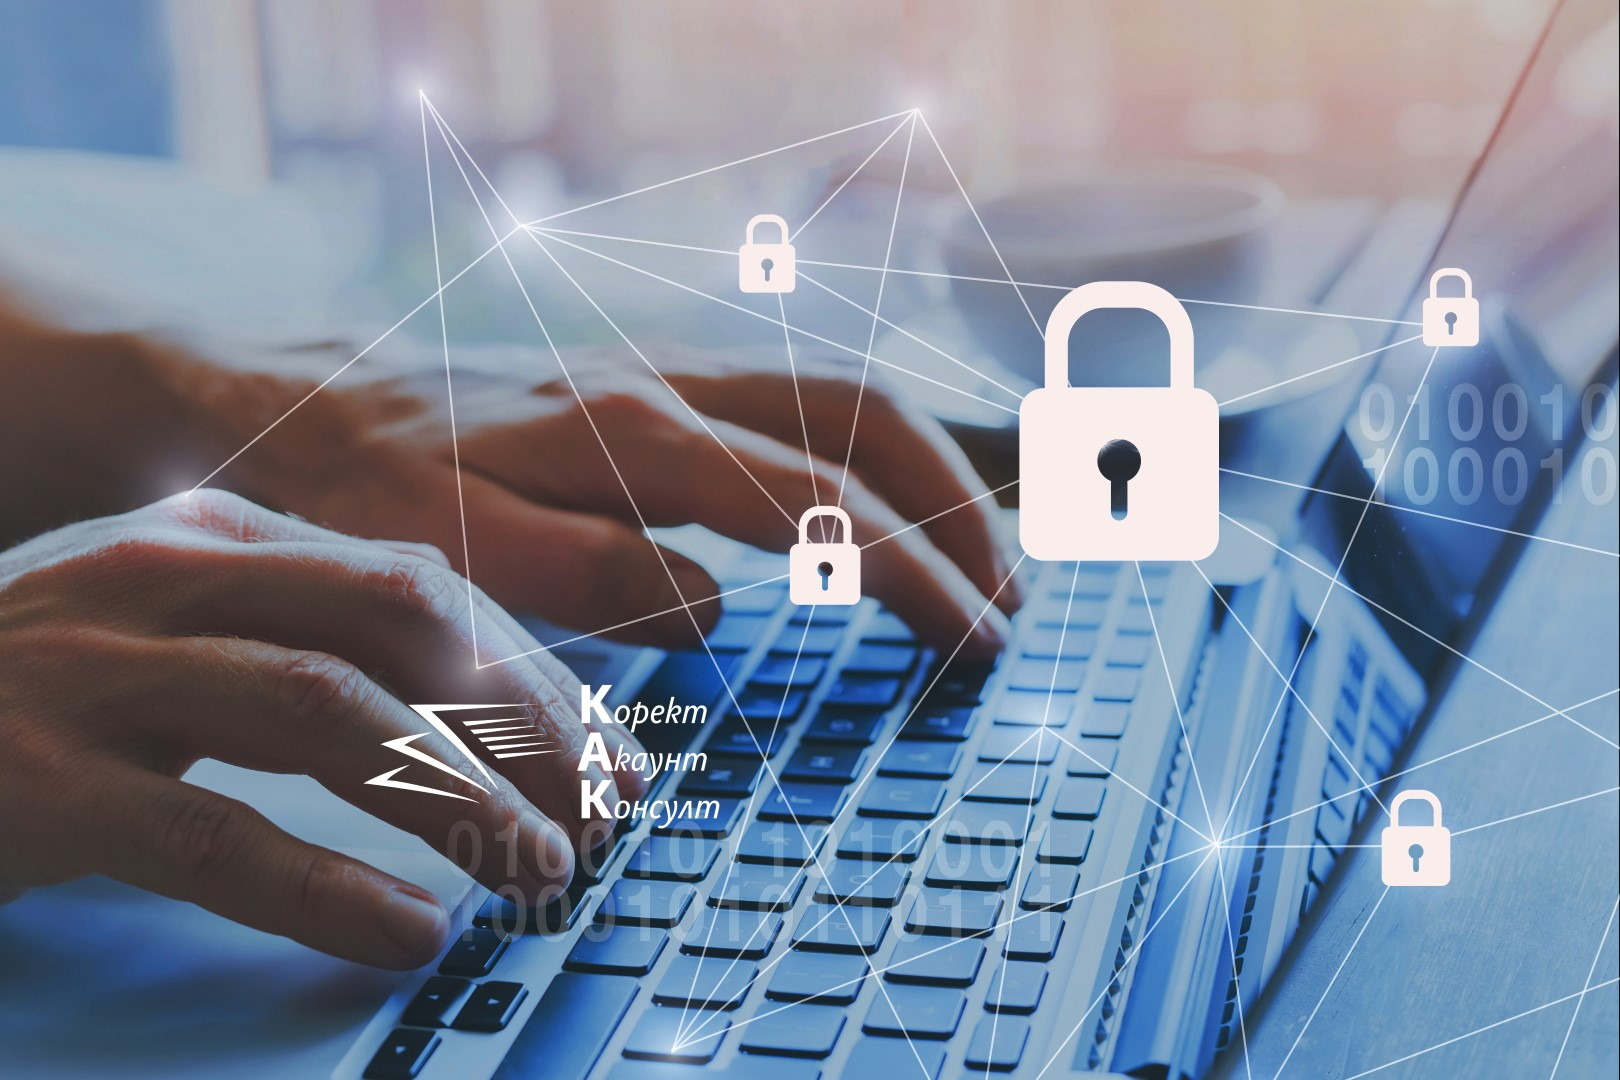 НАП: Сравняваме незаконно разпространената информация с реалните бази данни